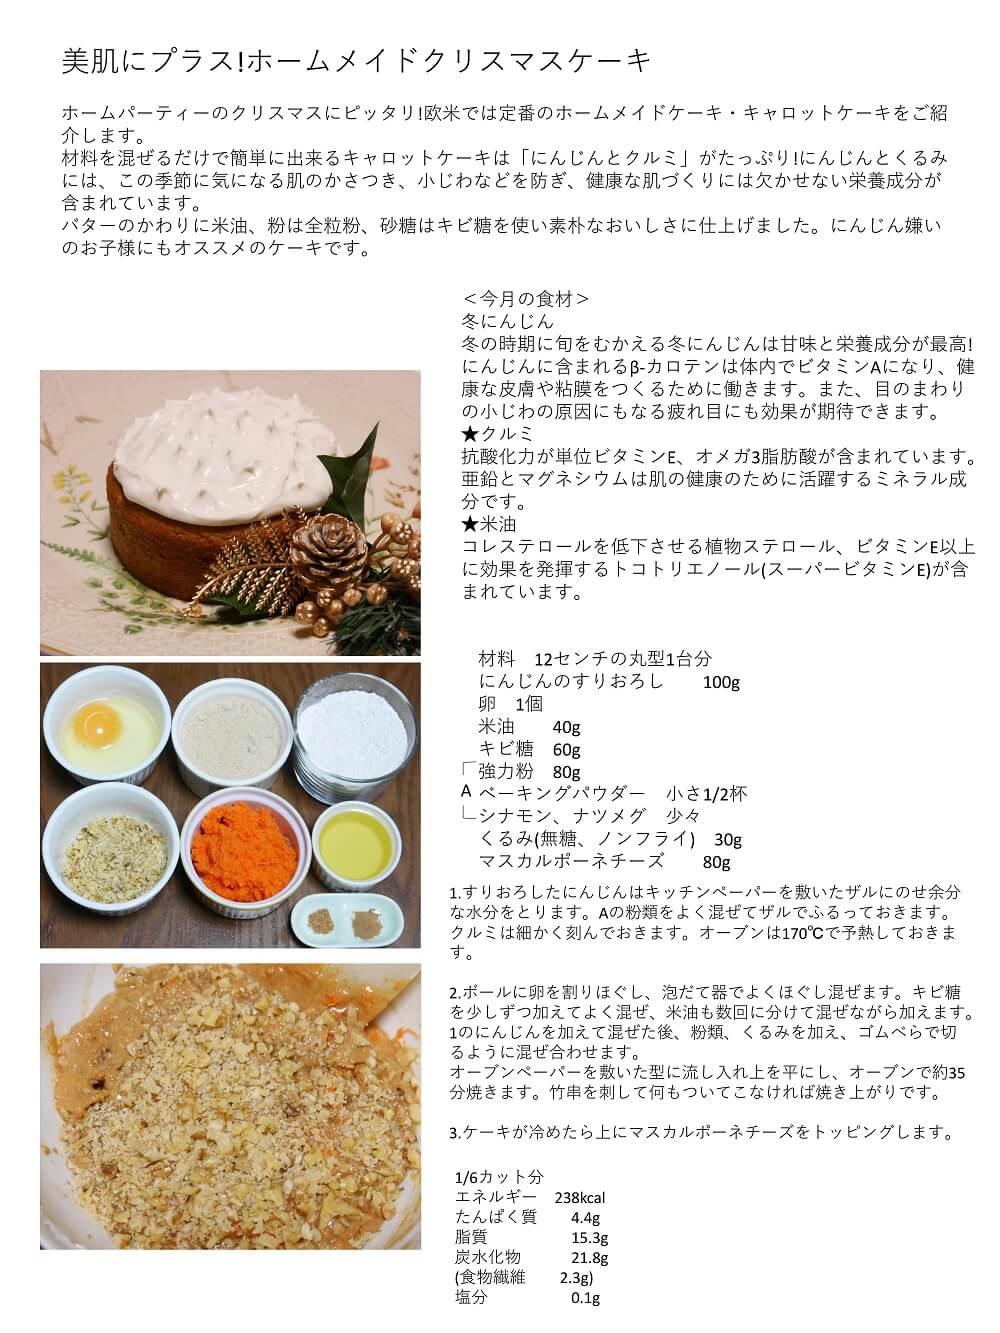 12月レシピ「クリスマスケーキ」